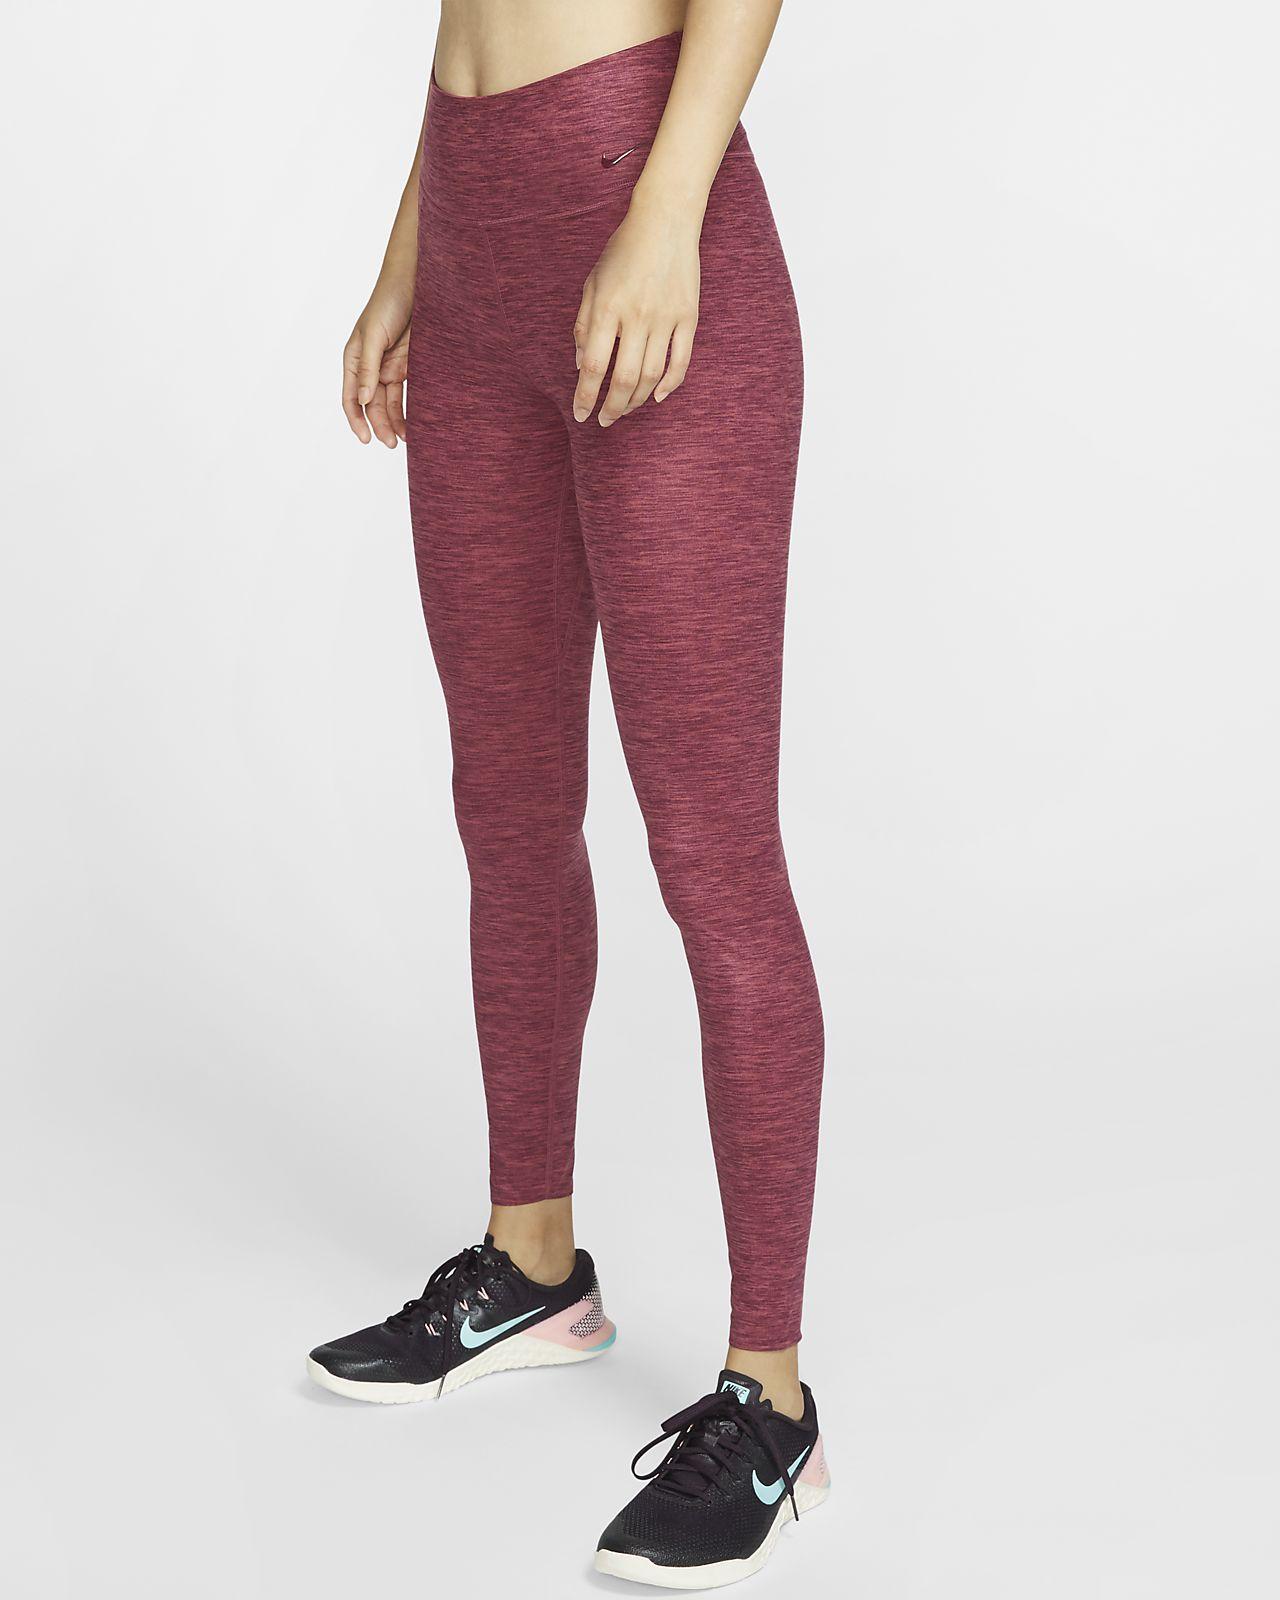 Nike One Luxe Melanj Kadın Taytı